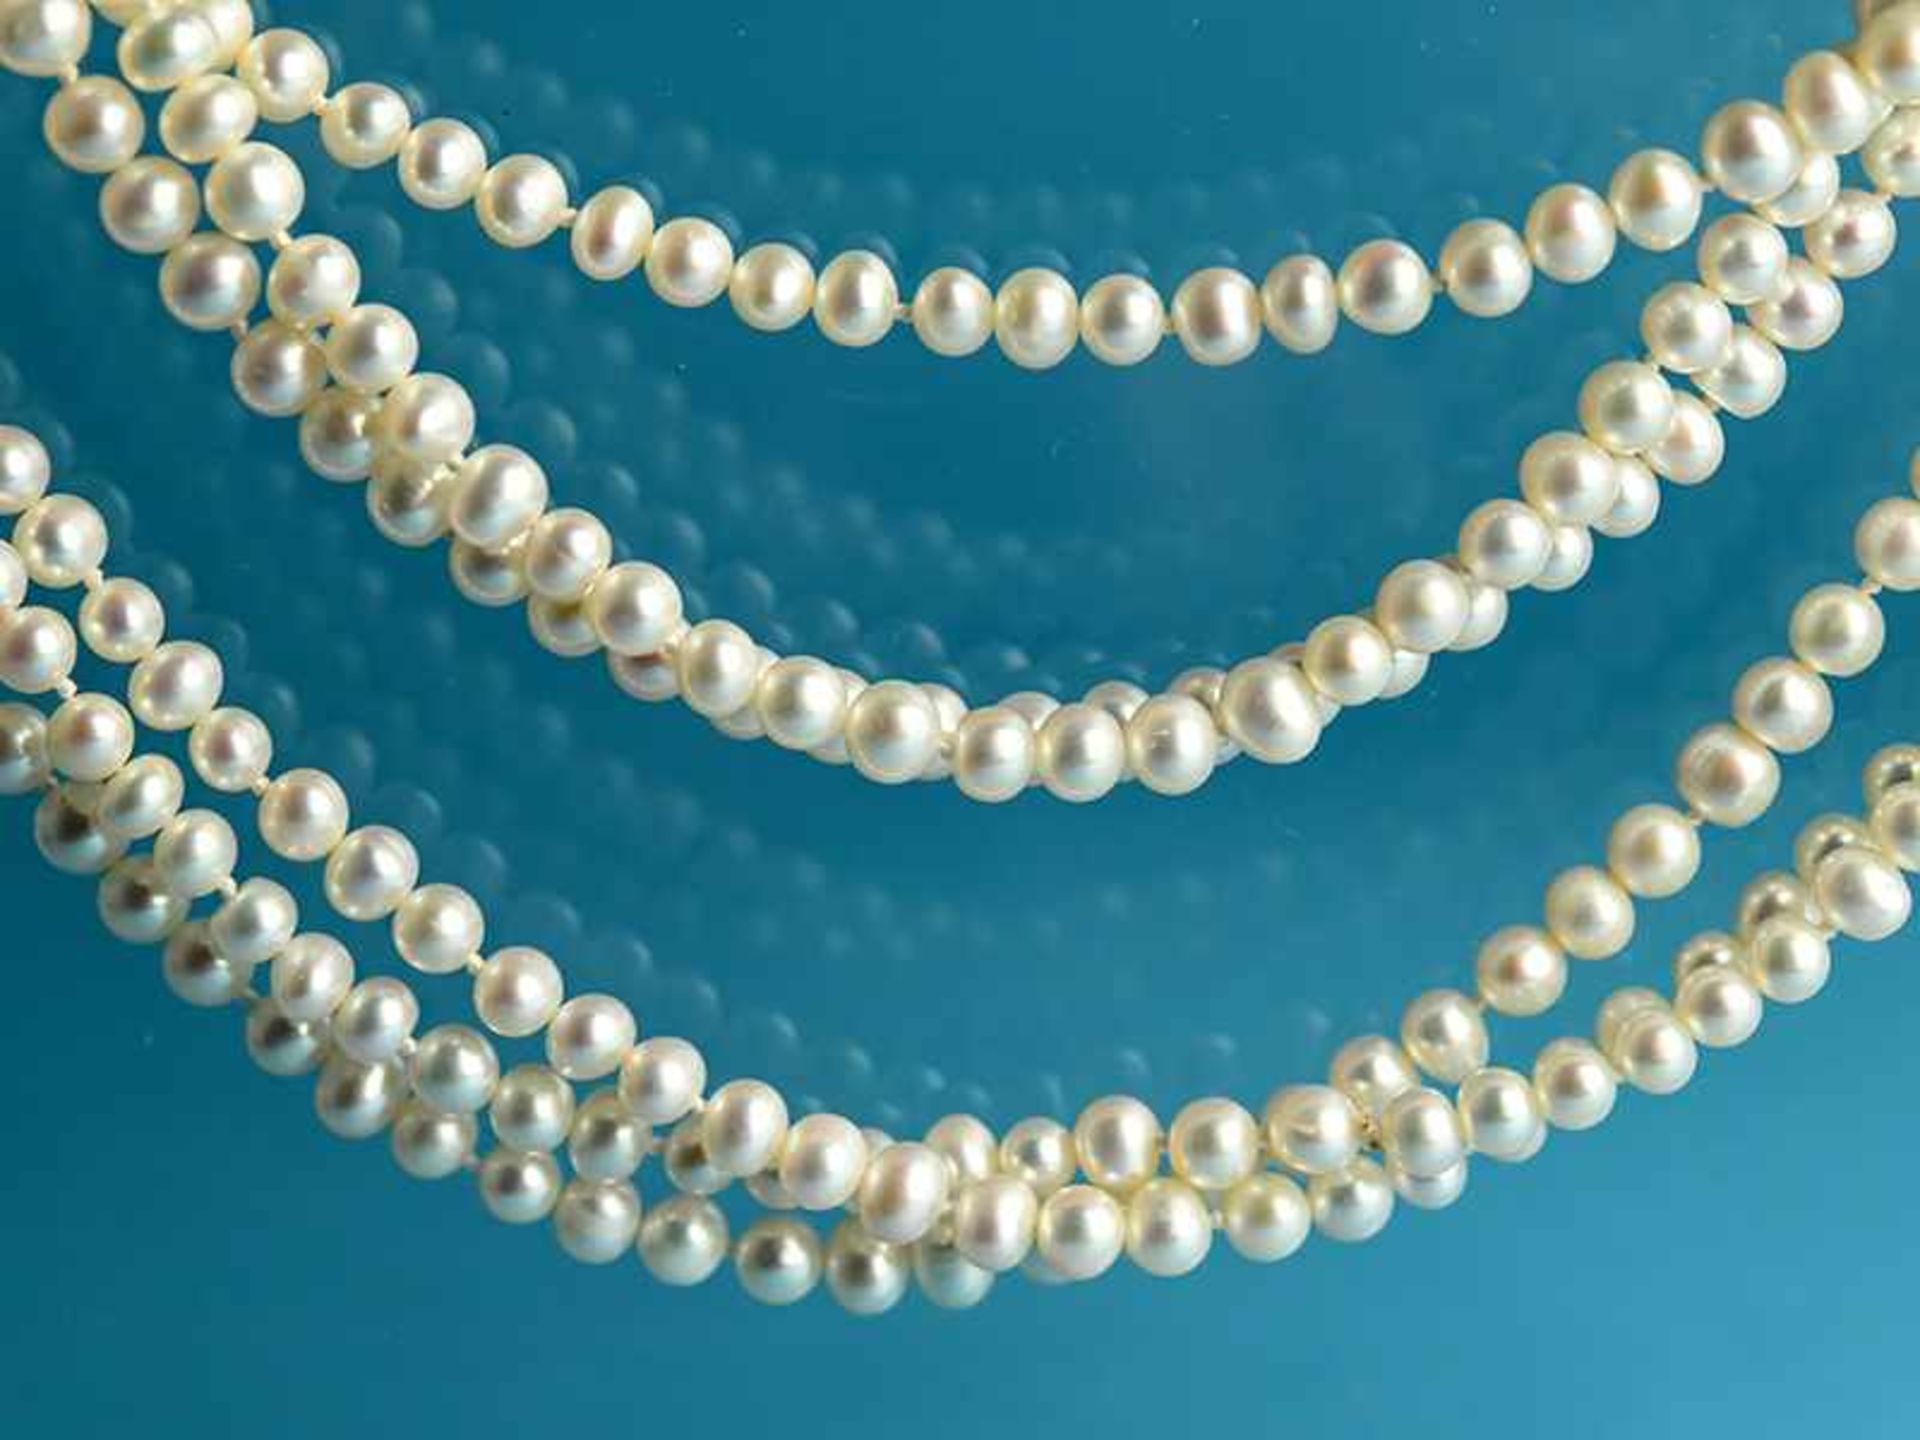 3 lange Zuchtperlenketten, 21. Jh. Endlosstränge und im Abstand von 3 Perlen geknotet. Leichte - Bild 3 aus 3